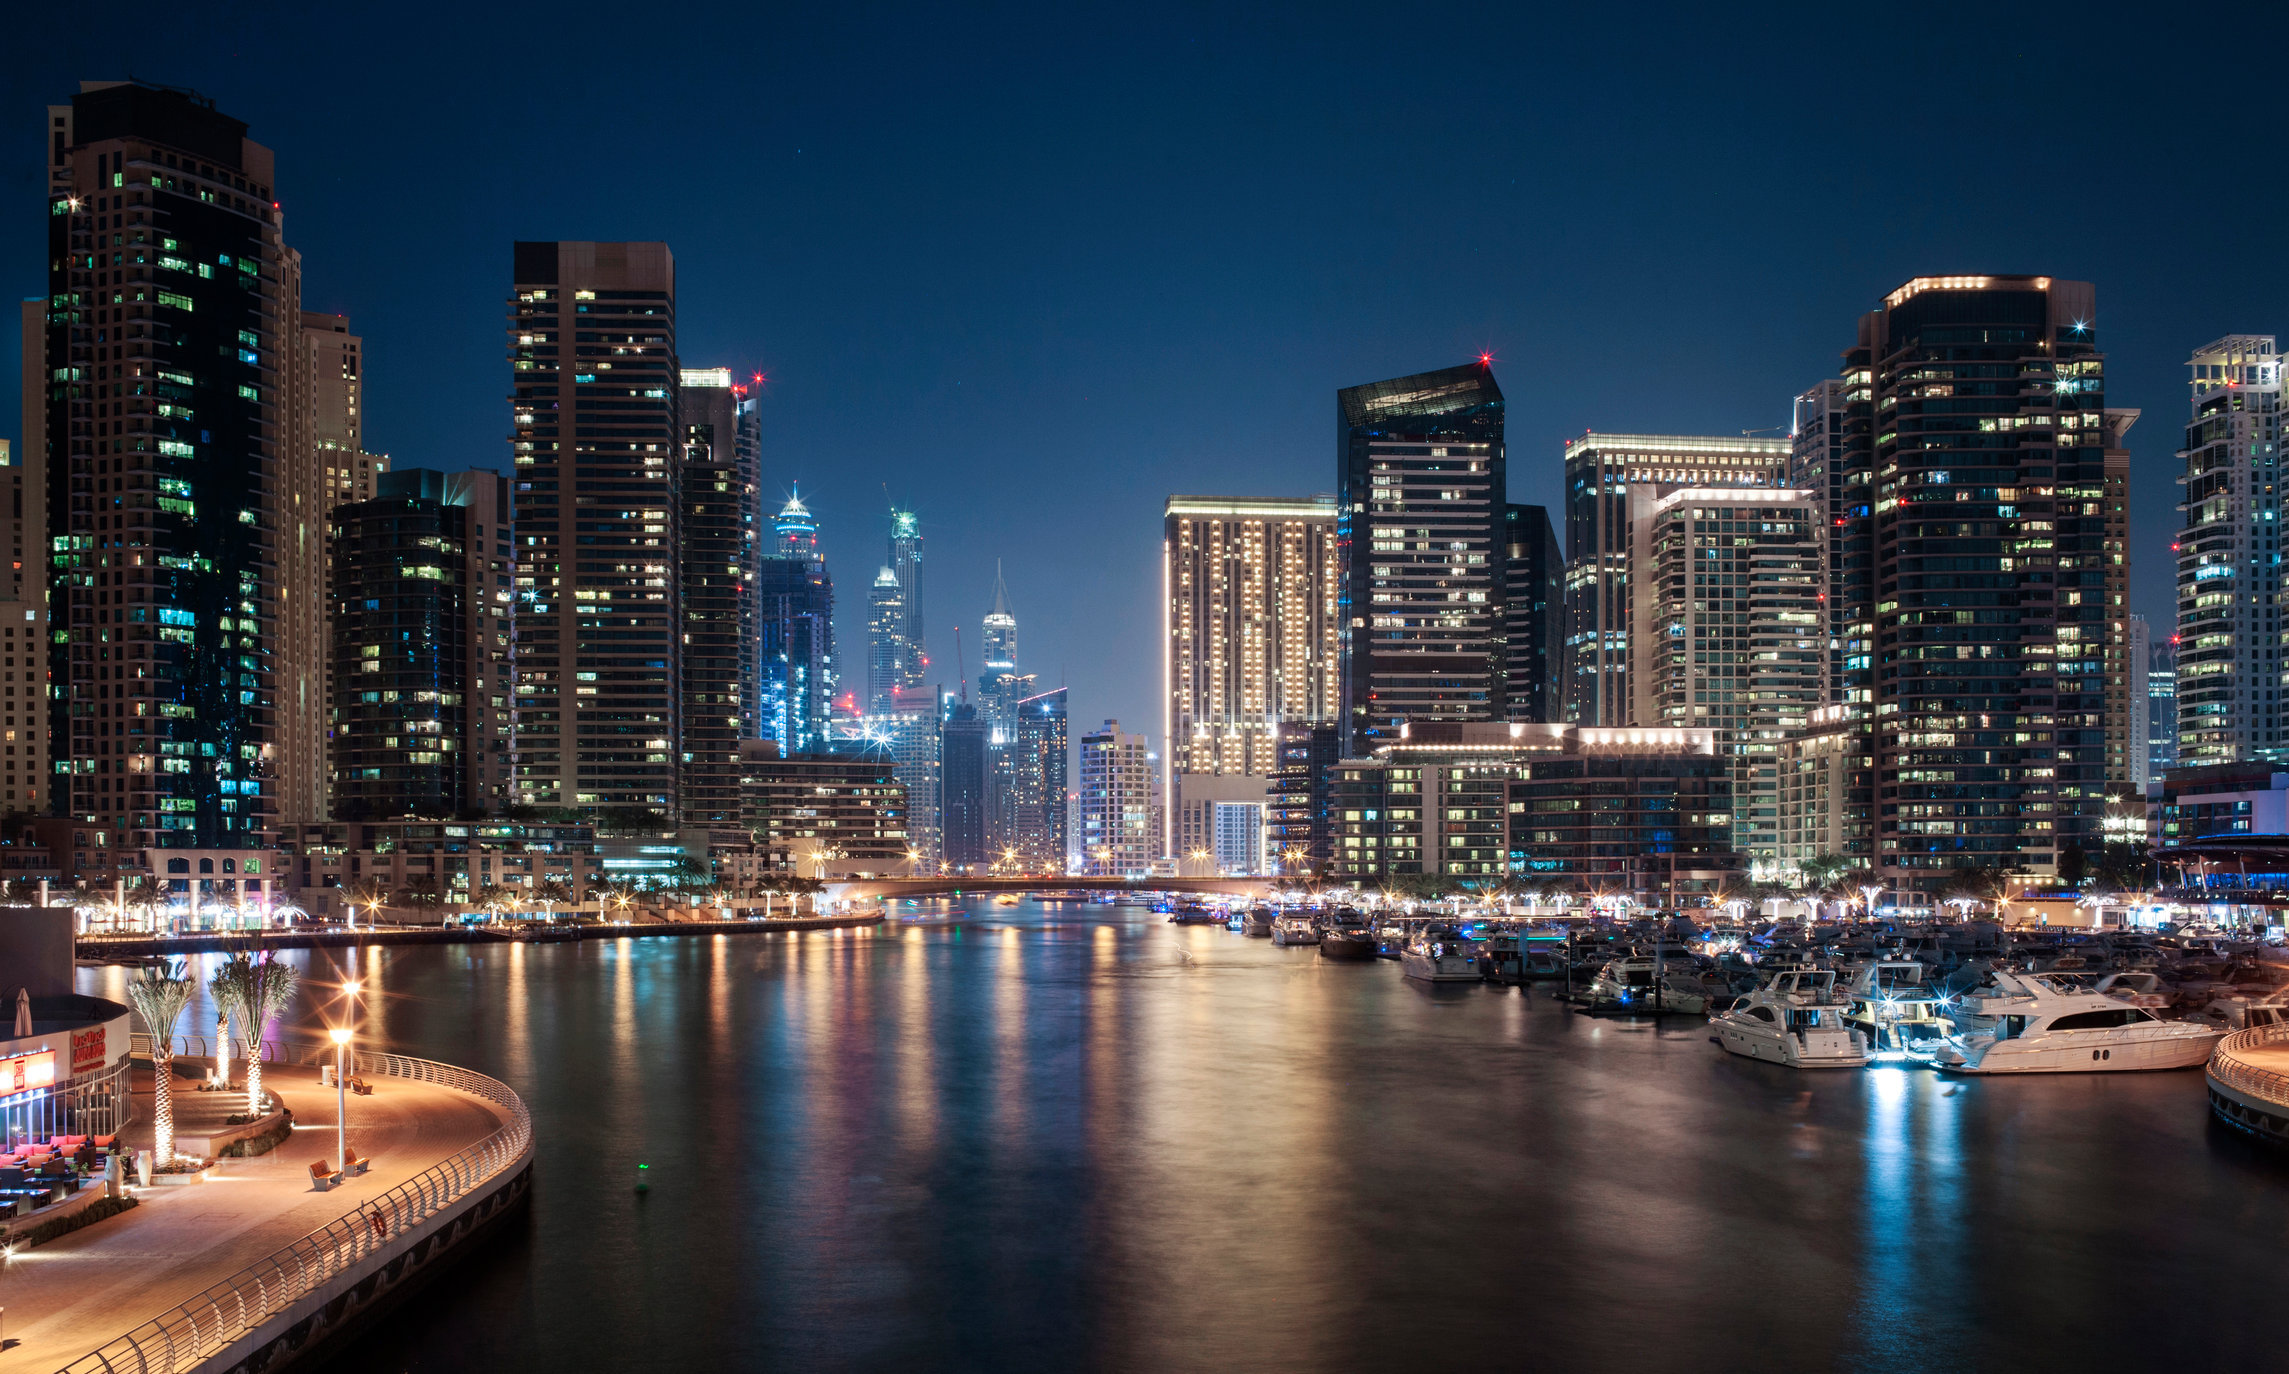 Dubai Marina Harbor